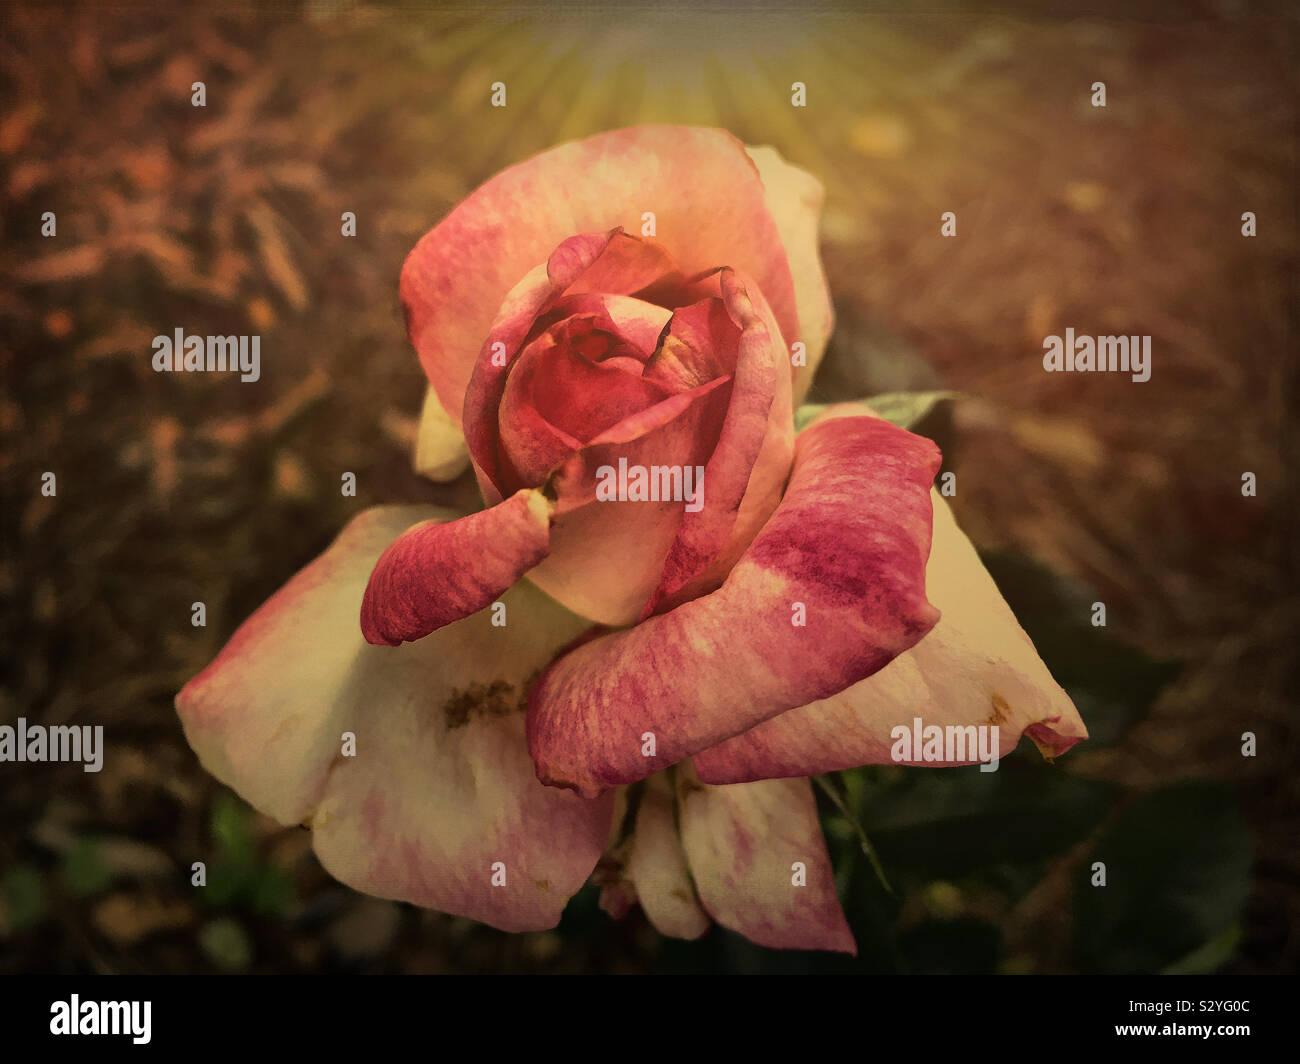 Uno scuro effetto testurizzato rosa e bianco di fiori di rose che crescono in un giardino nel cortile. La messa a fuoco in primo piano e il fiore di testa. Foto Stock